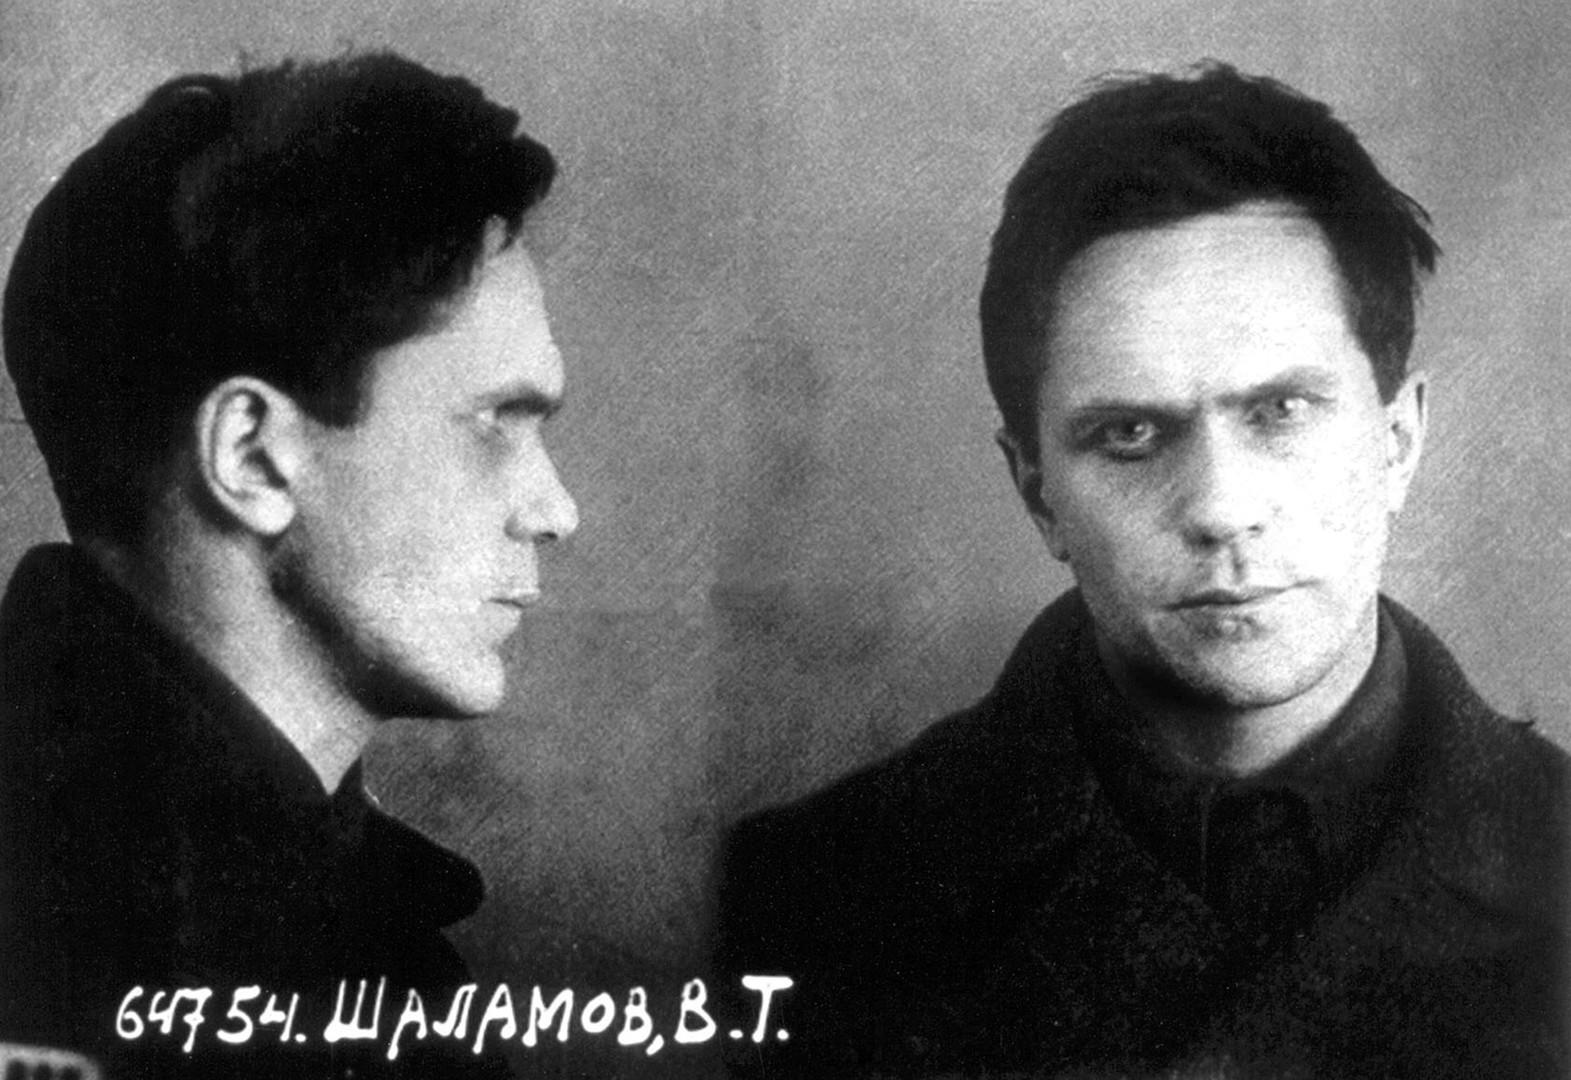 Die Akte Warlam Schalamow nach seiner Inhaftierung 1937